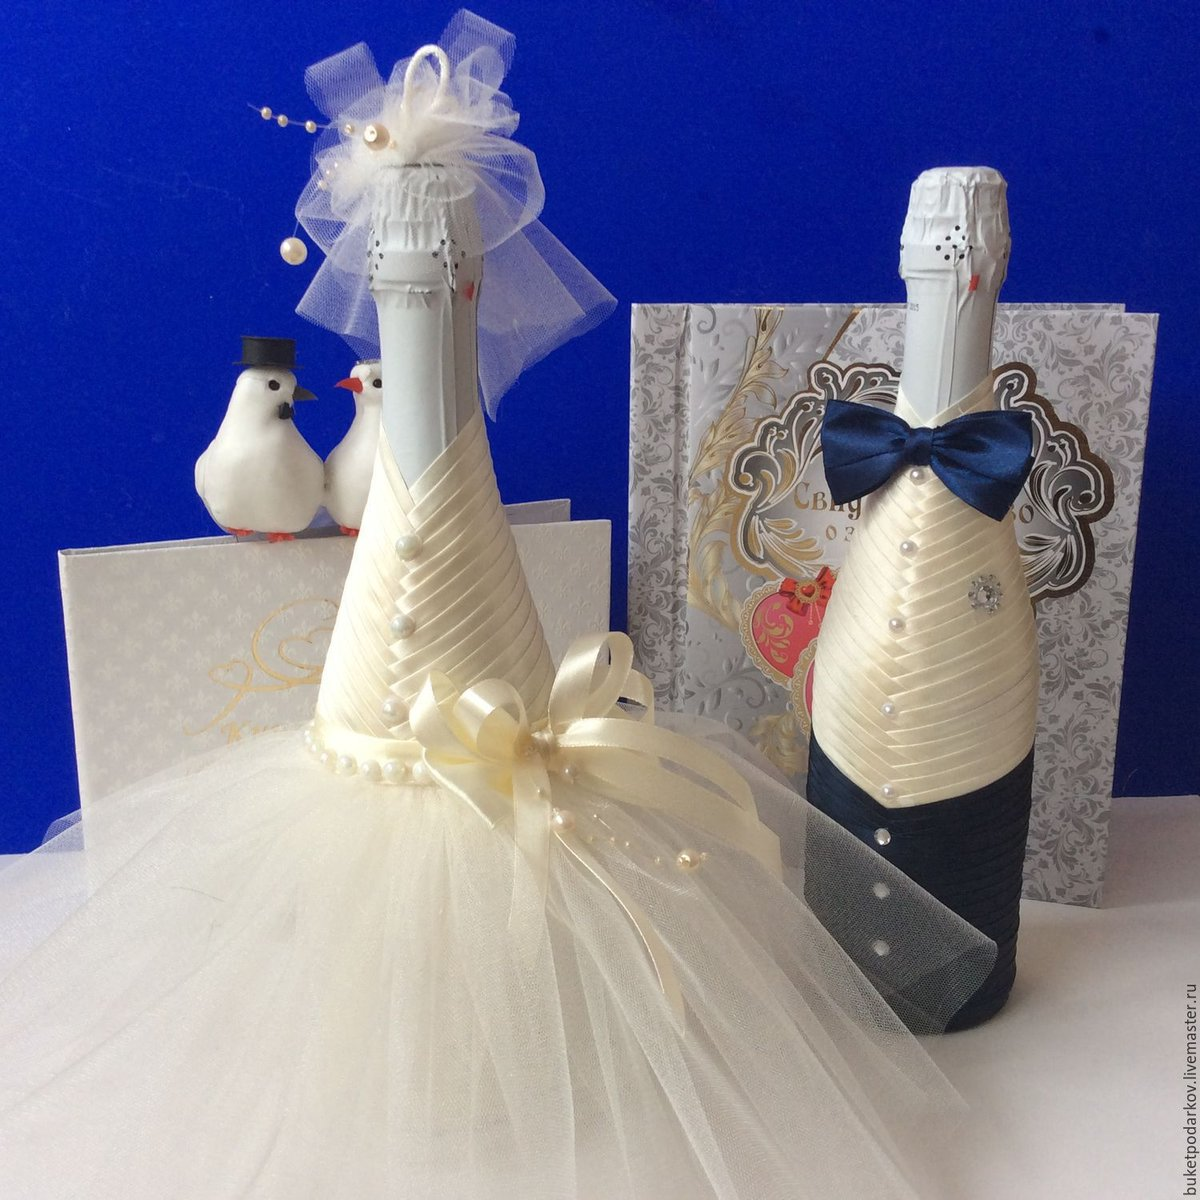 Мастер классы свадьба своими руками 380